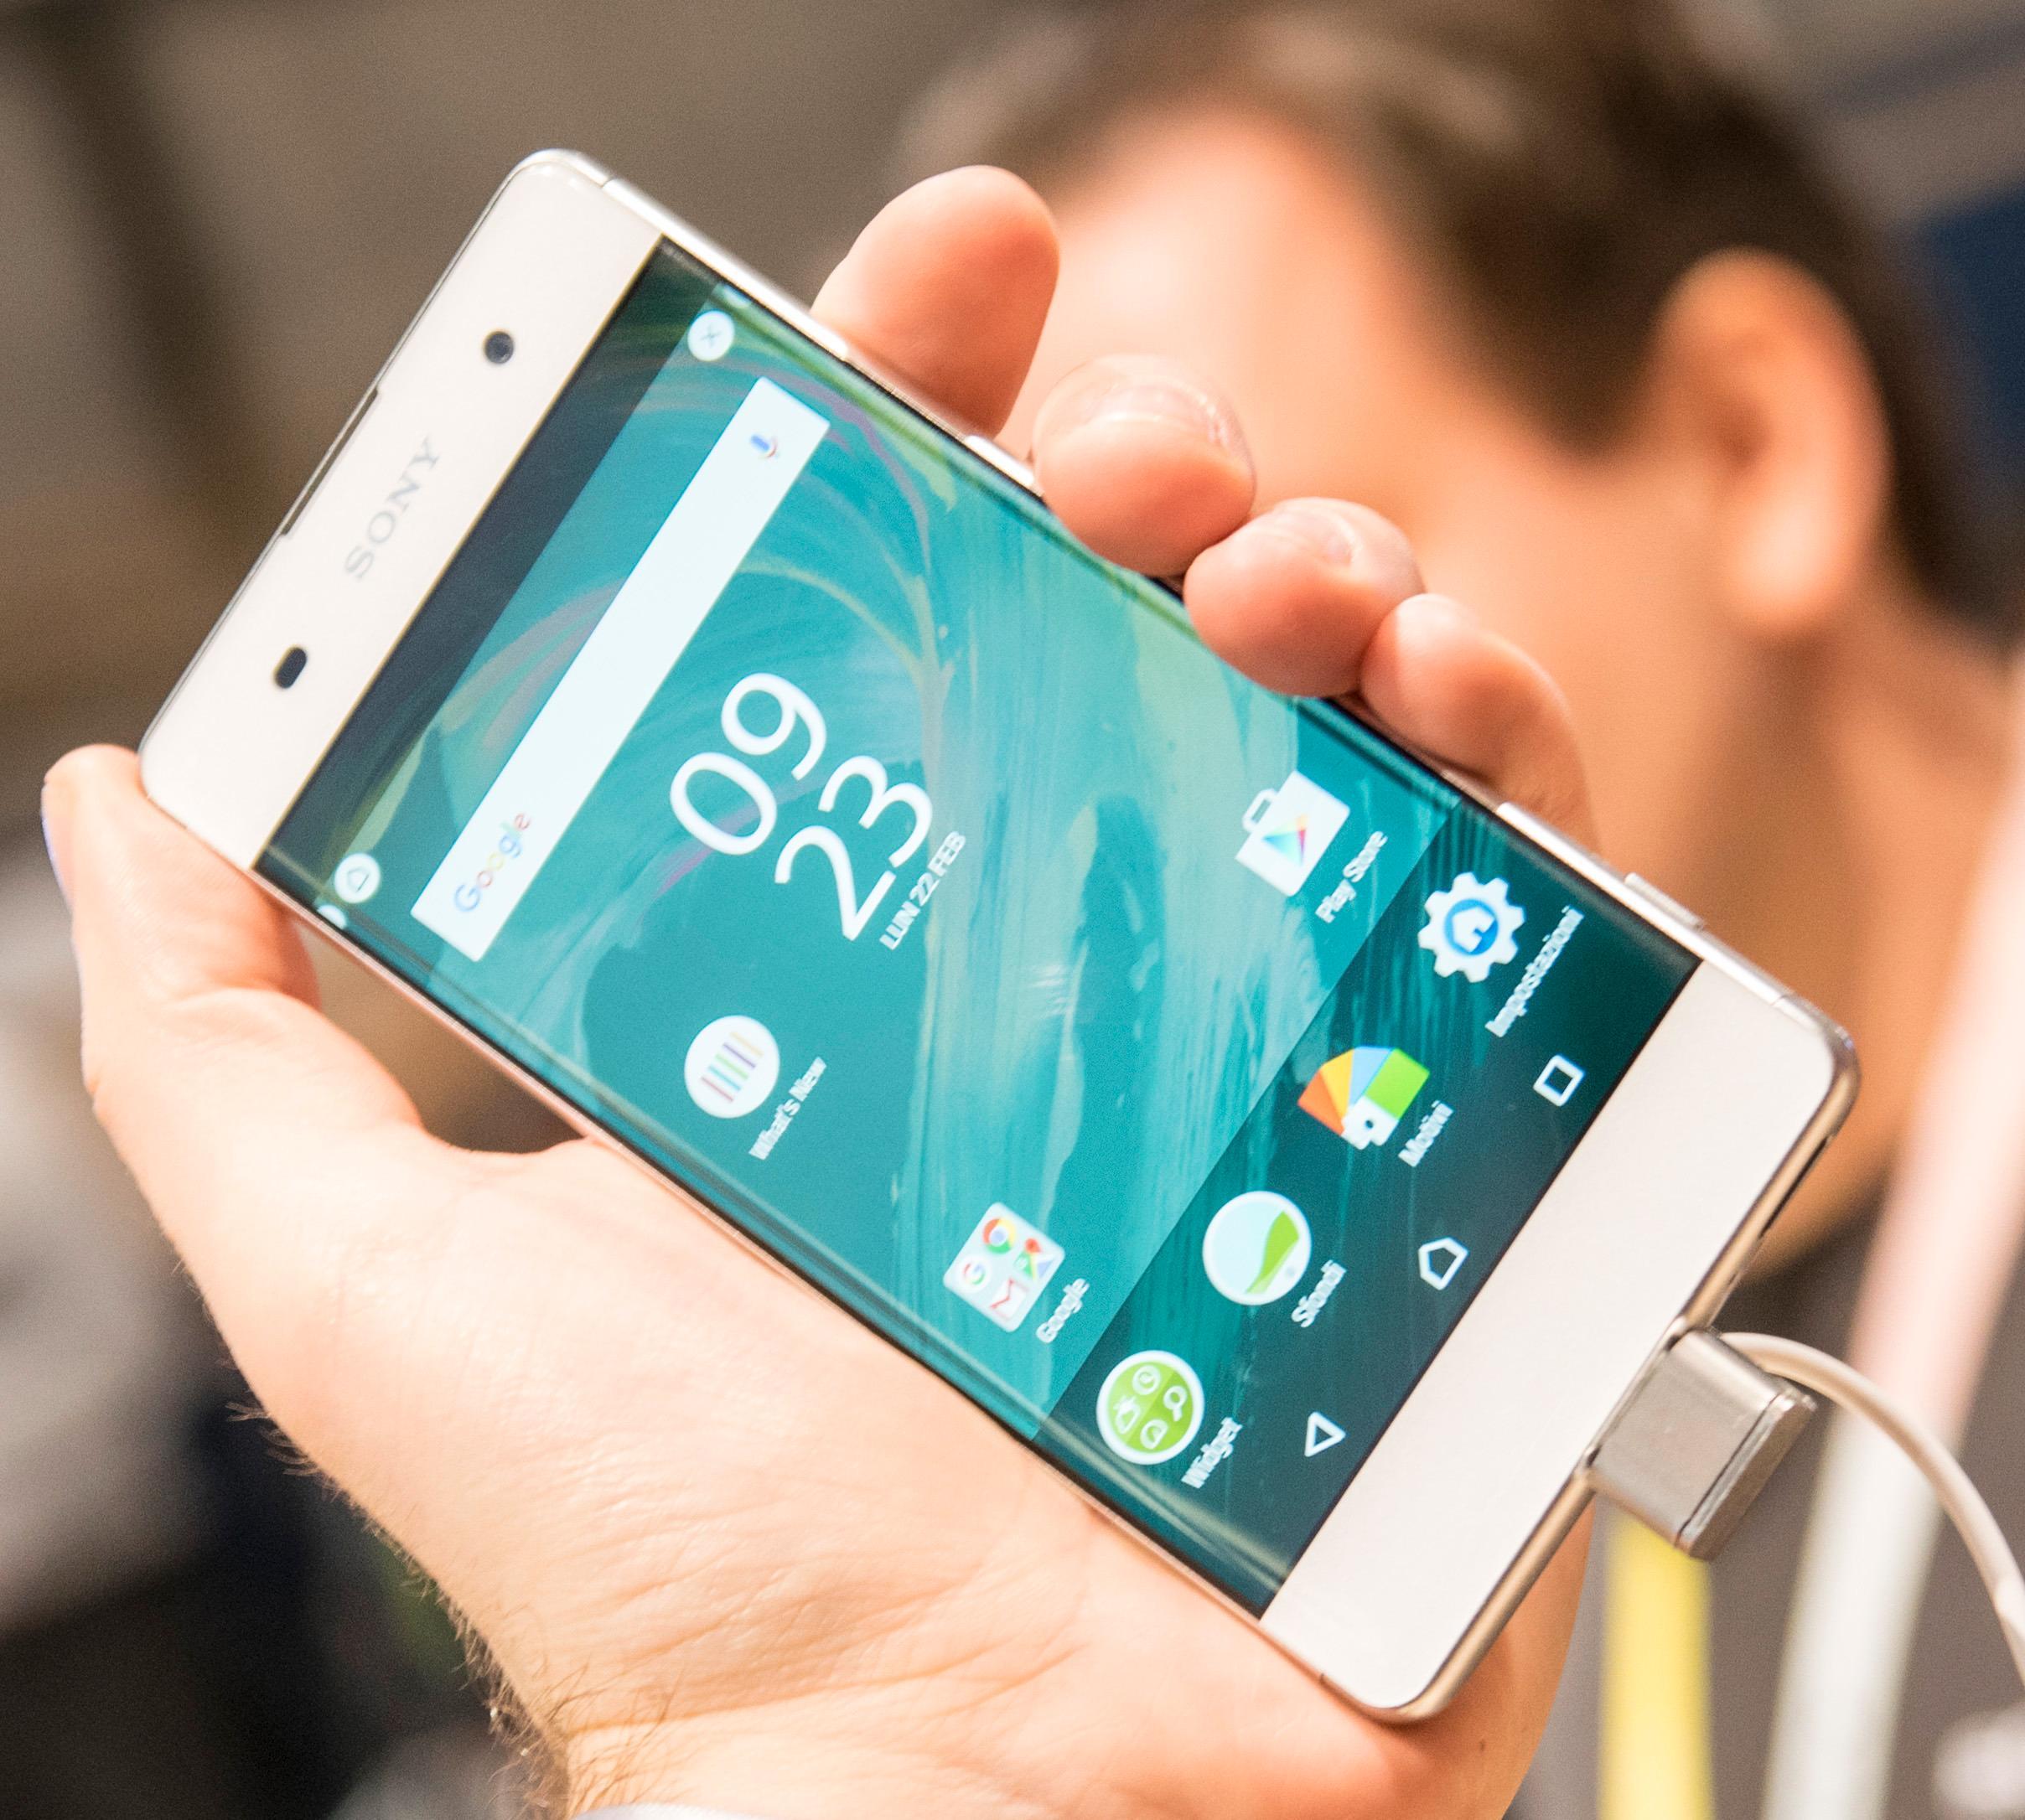 Billigste modell heter Xperia XA, og det er faktisk den som har mest spennende design, med en skjerm som går heeeeelt ut i kantene.